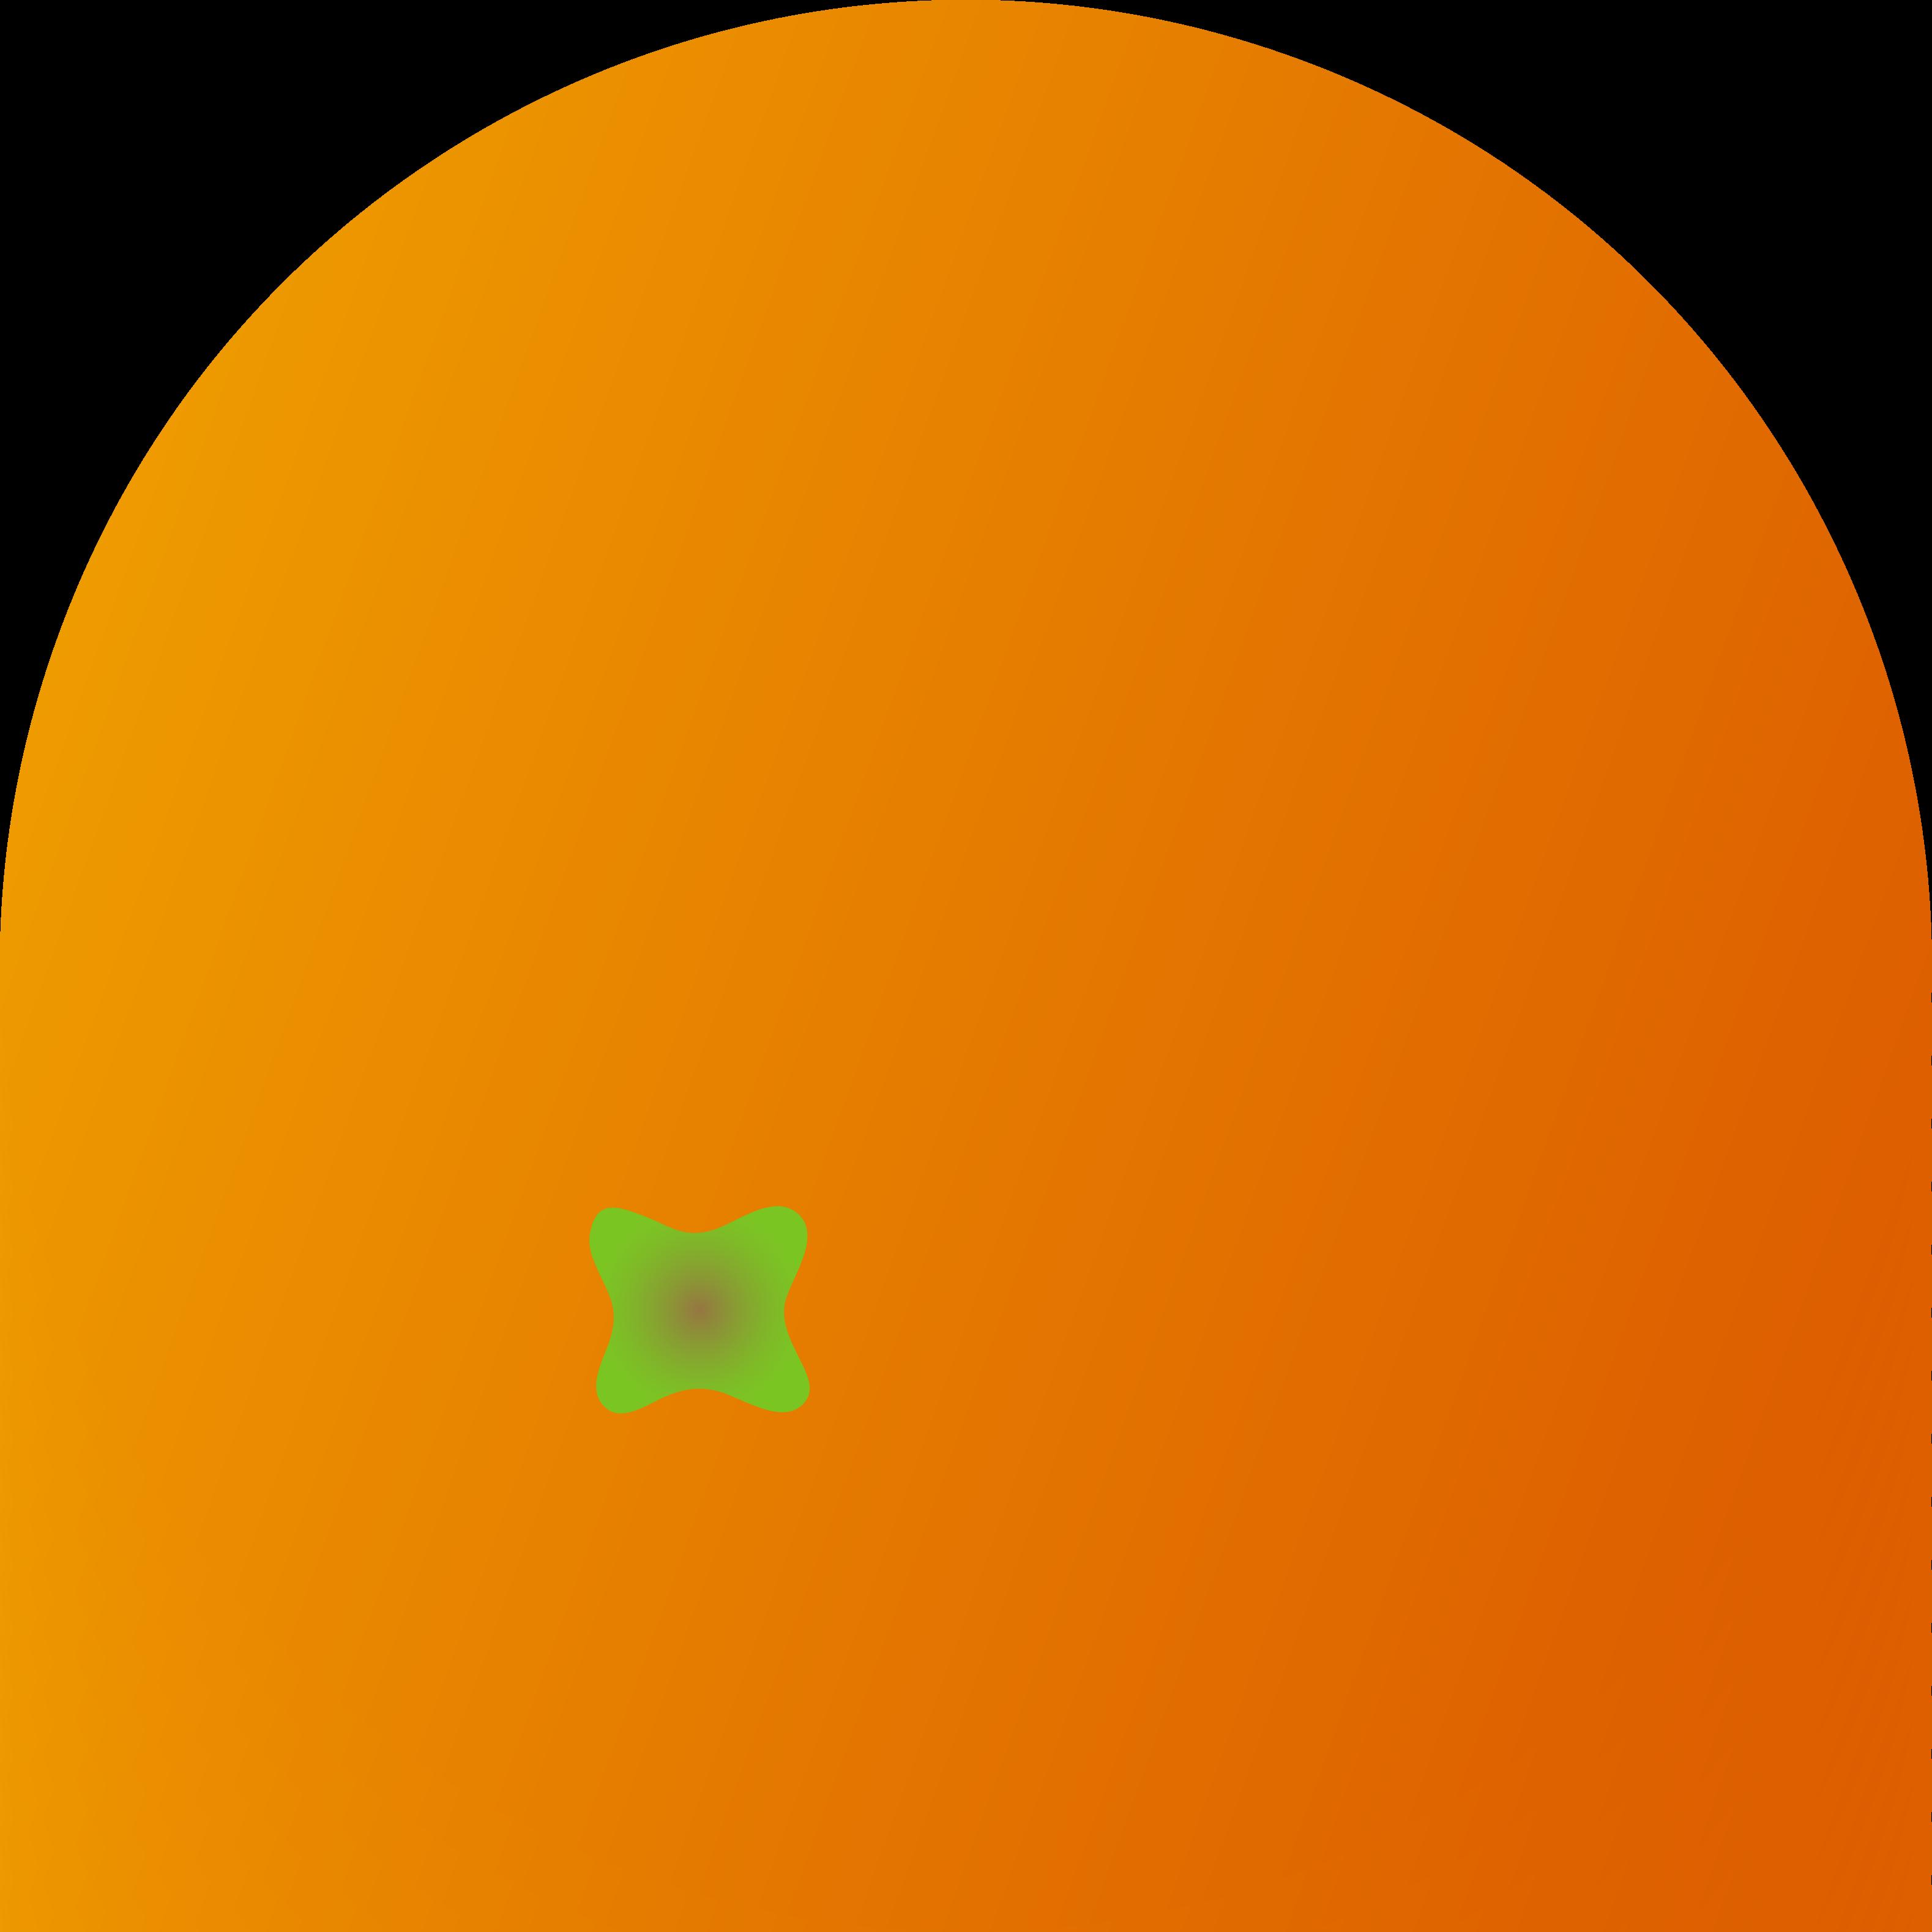 Orange (Fruit) clipart Clipart Orange Art Whole Simple